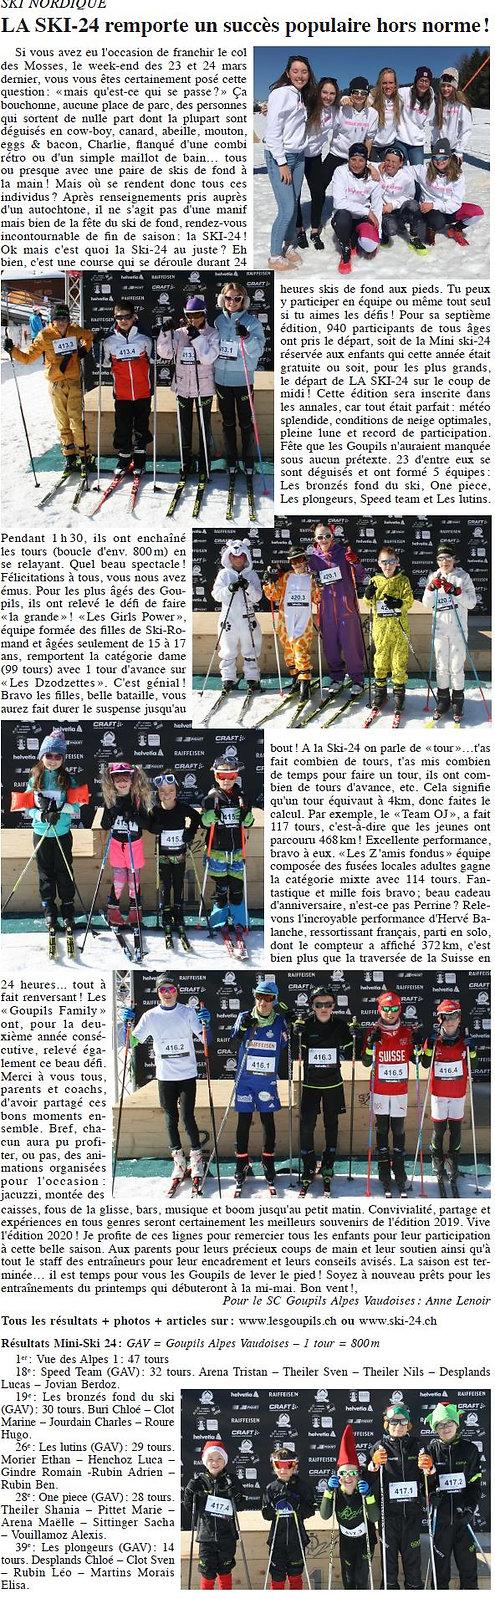 ski 24 presse.jpg